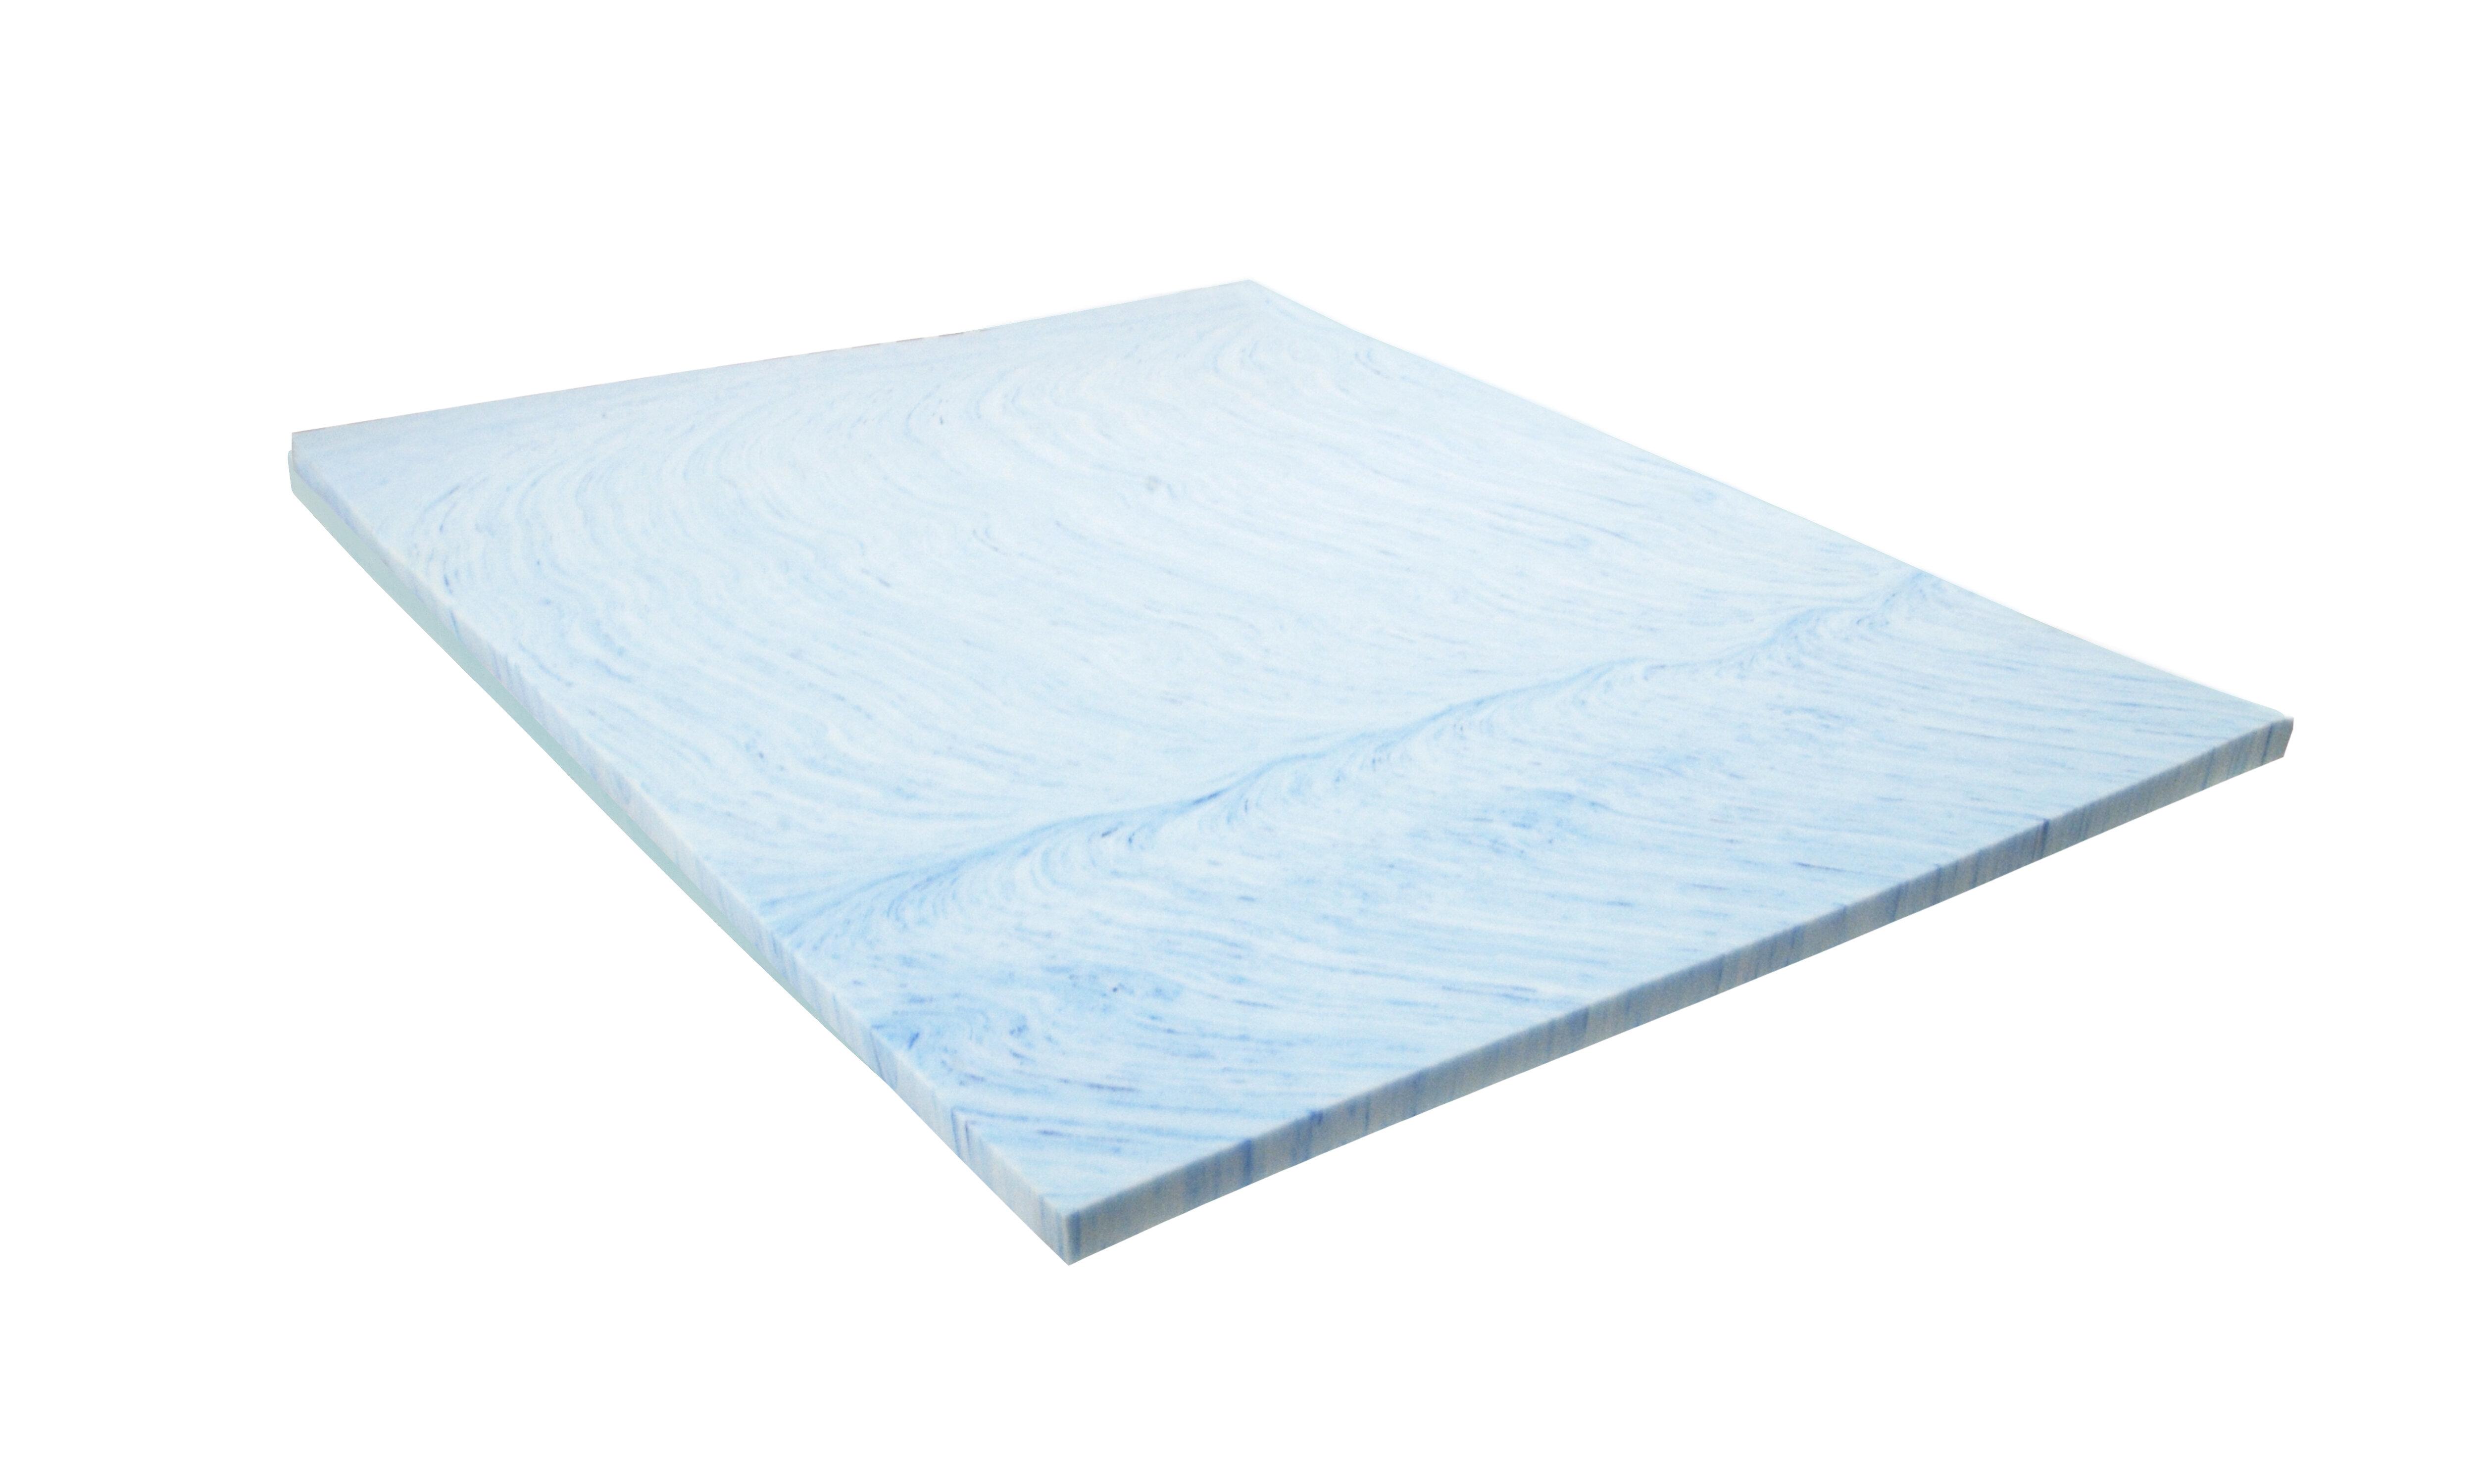 Alwyn Home Isotonic Swirl 3 Memory Foam Mattress Topper Wayfair